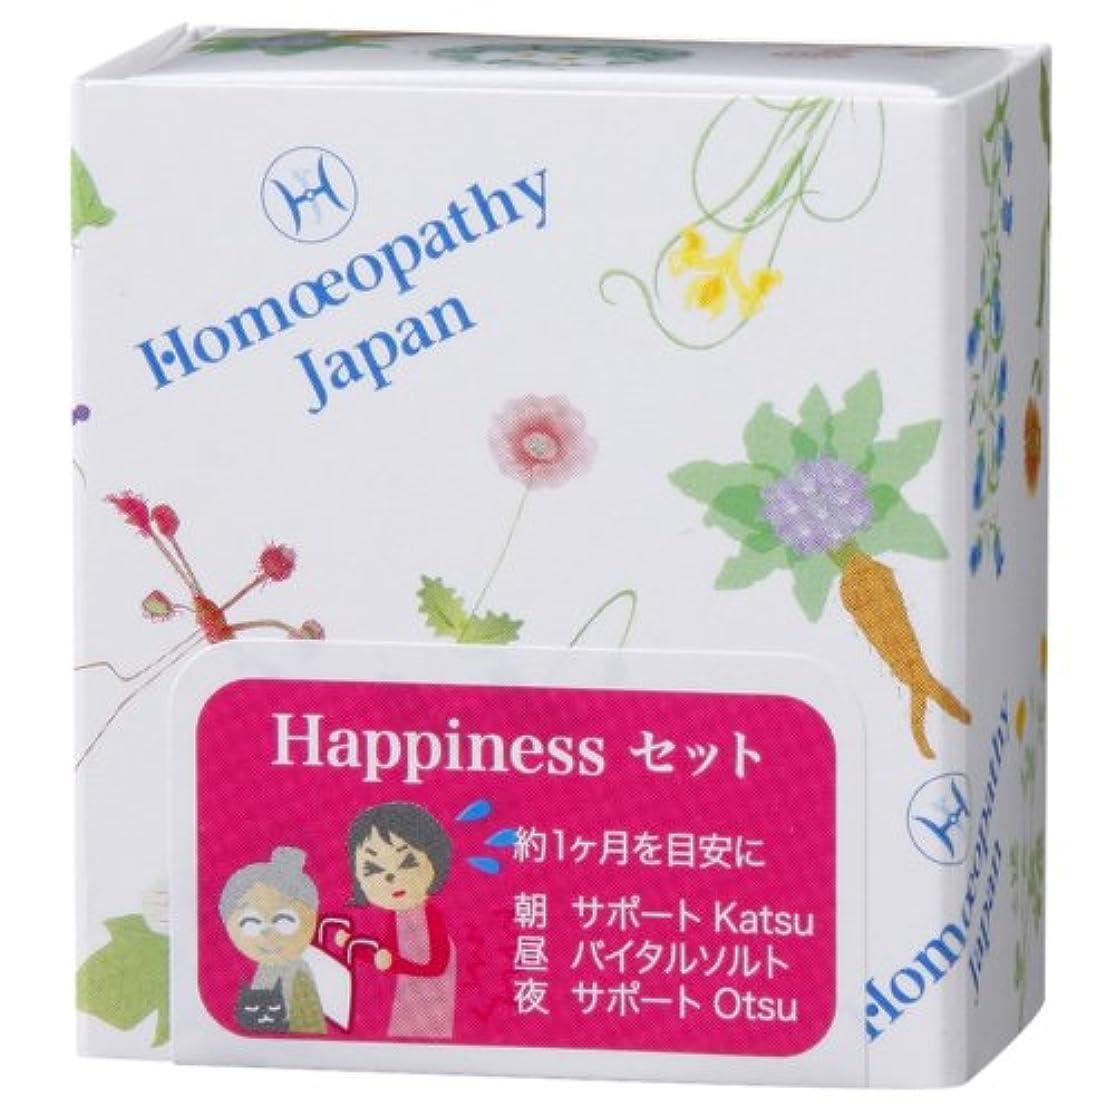 確認共和党ふつうホメオパシージャパンレメディー Happinessセット